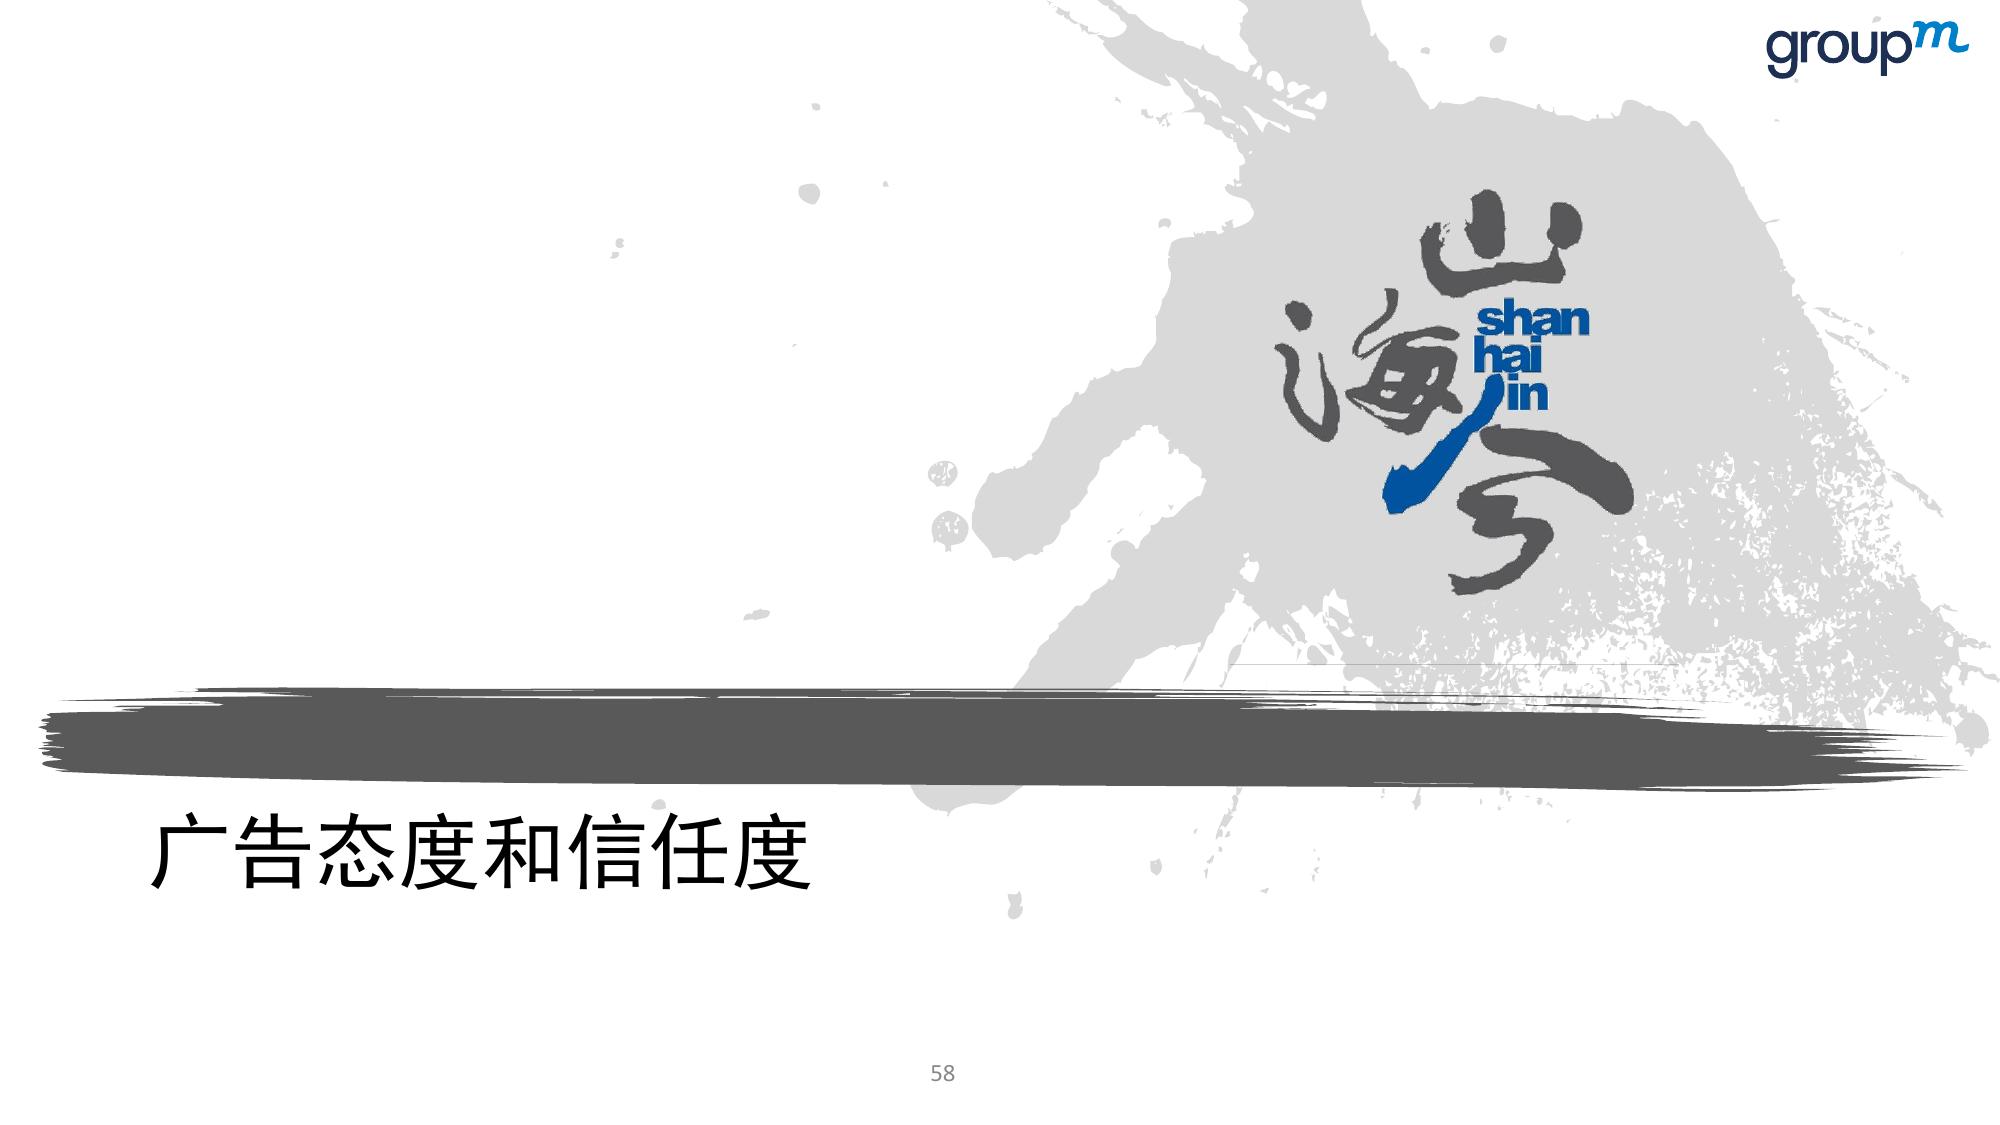 山海今2015中国媒介趋势报告_000058